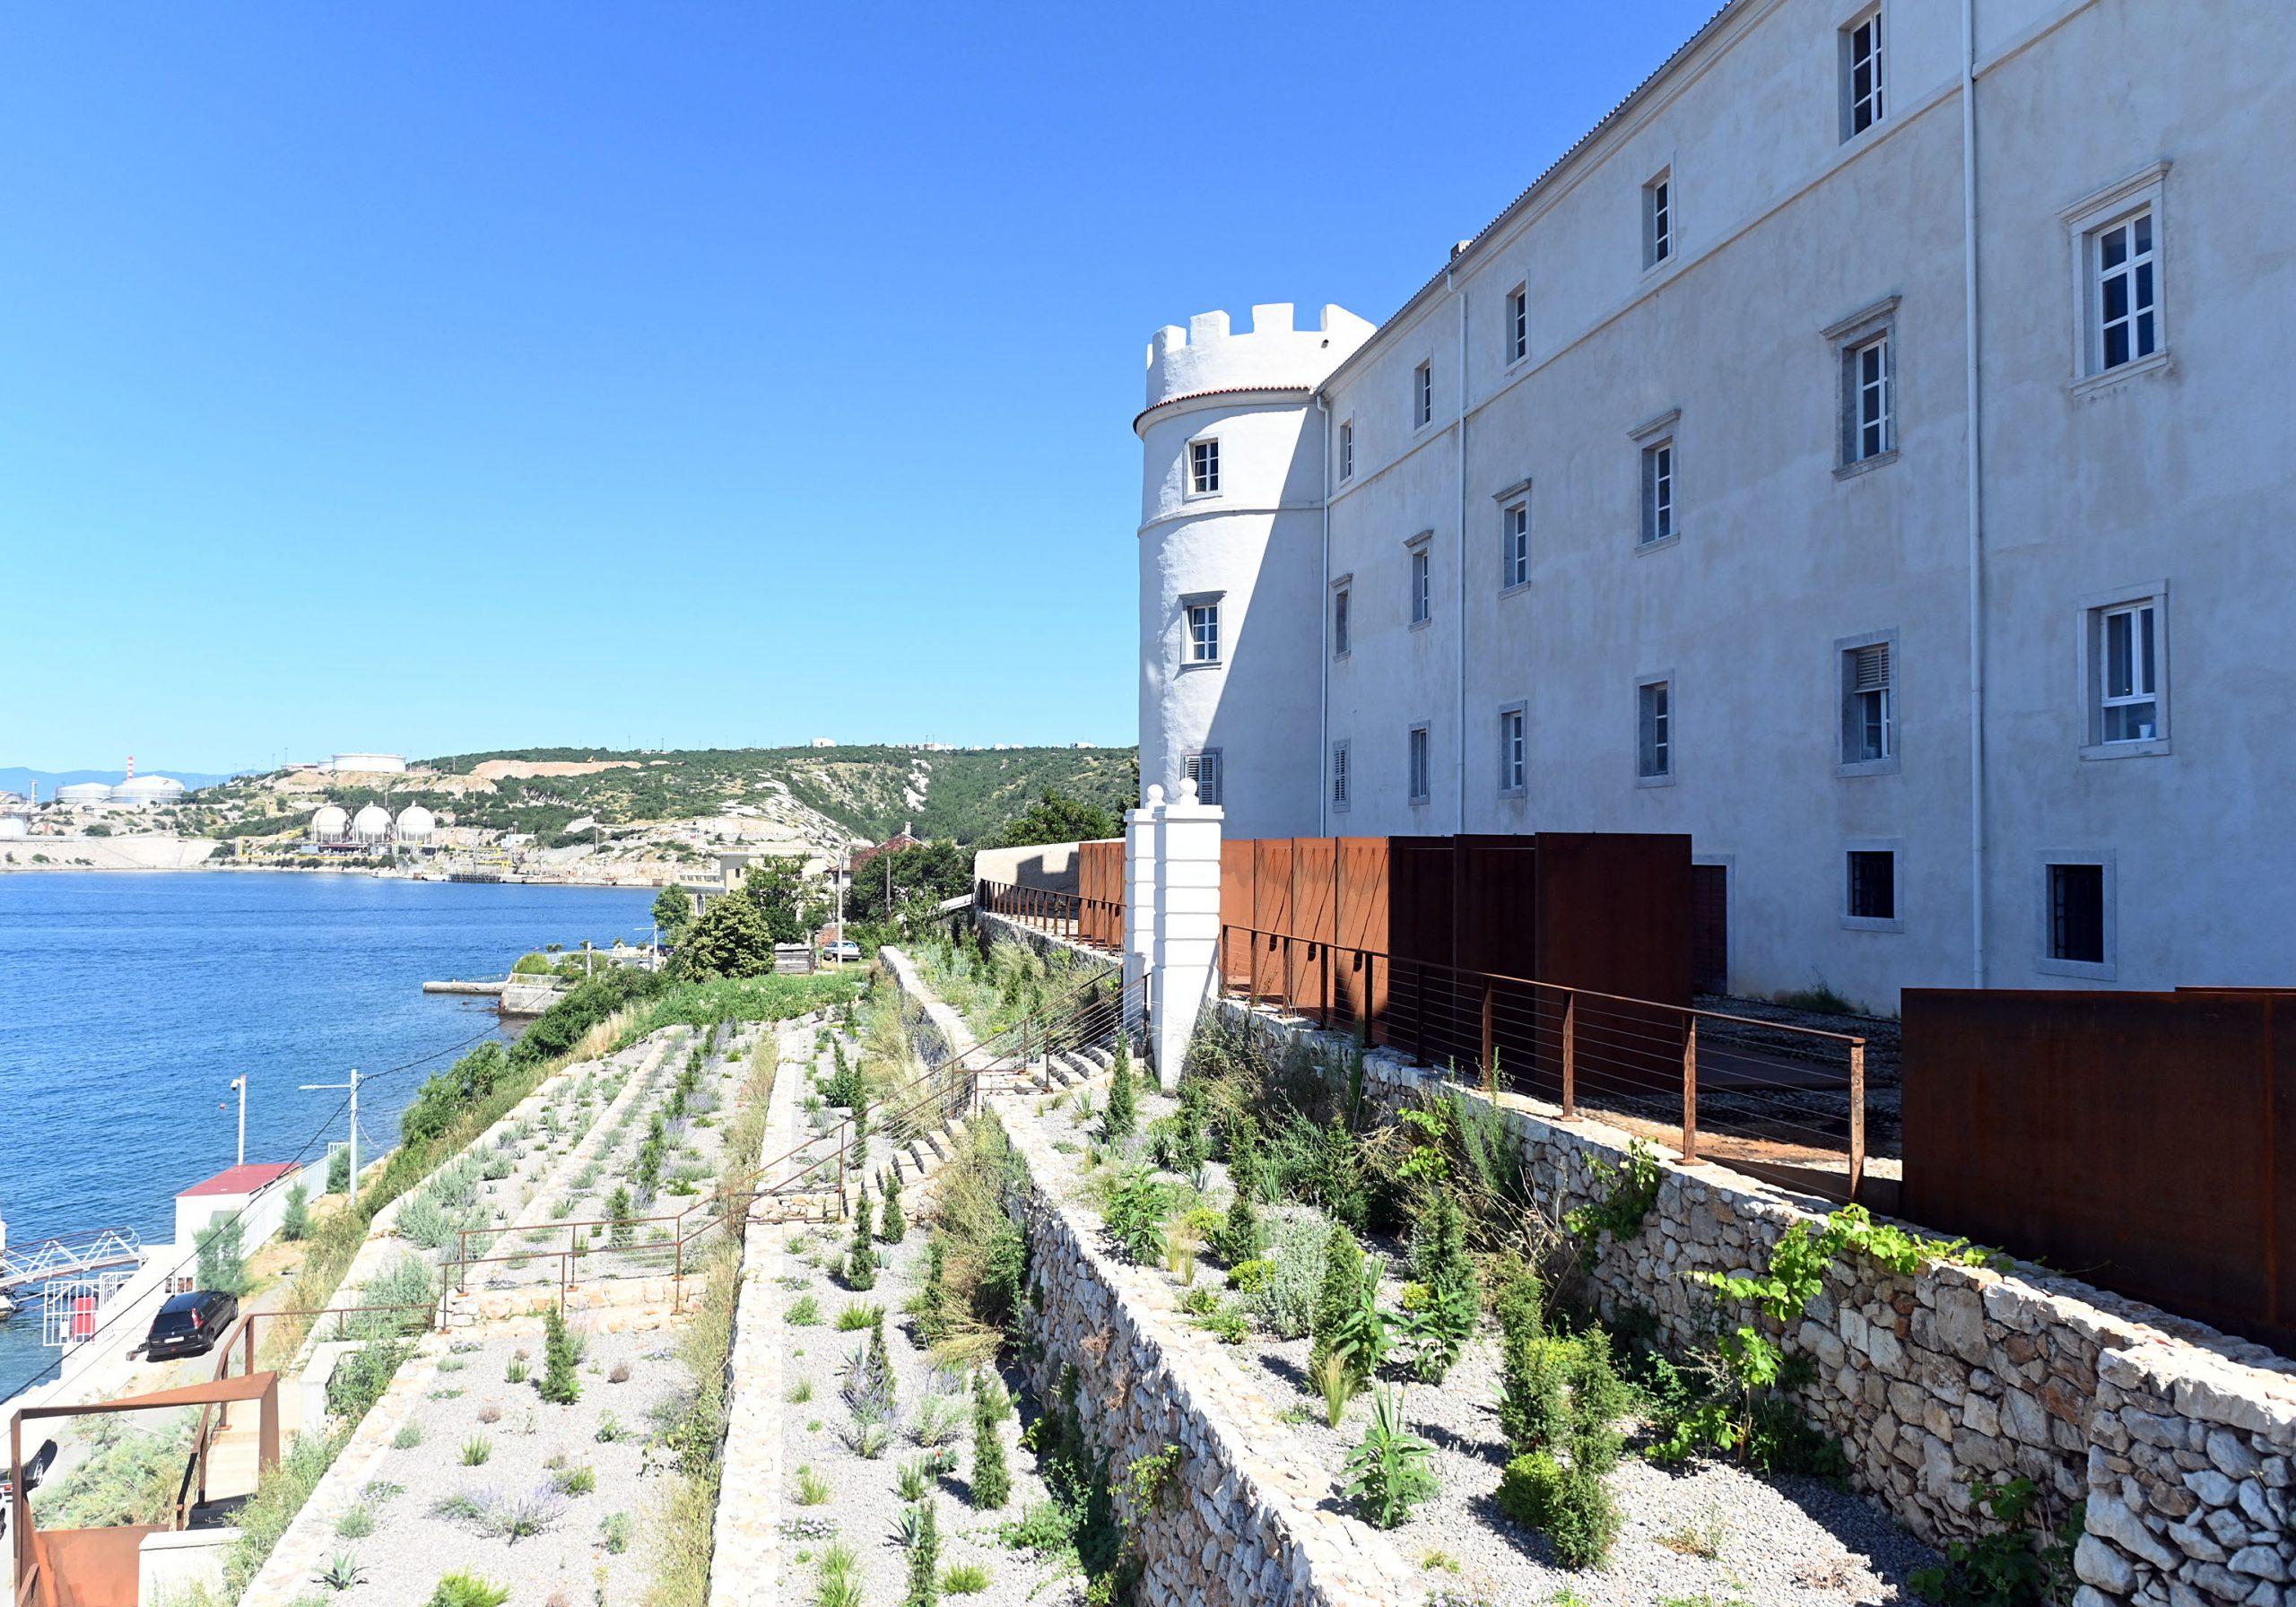 Suhozidi nose hortikulturno uređene terase prema moru